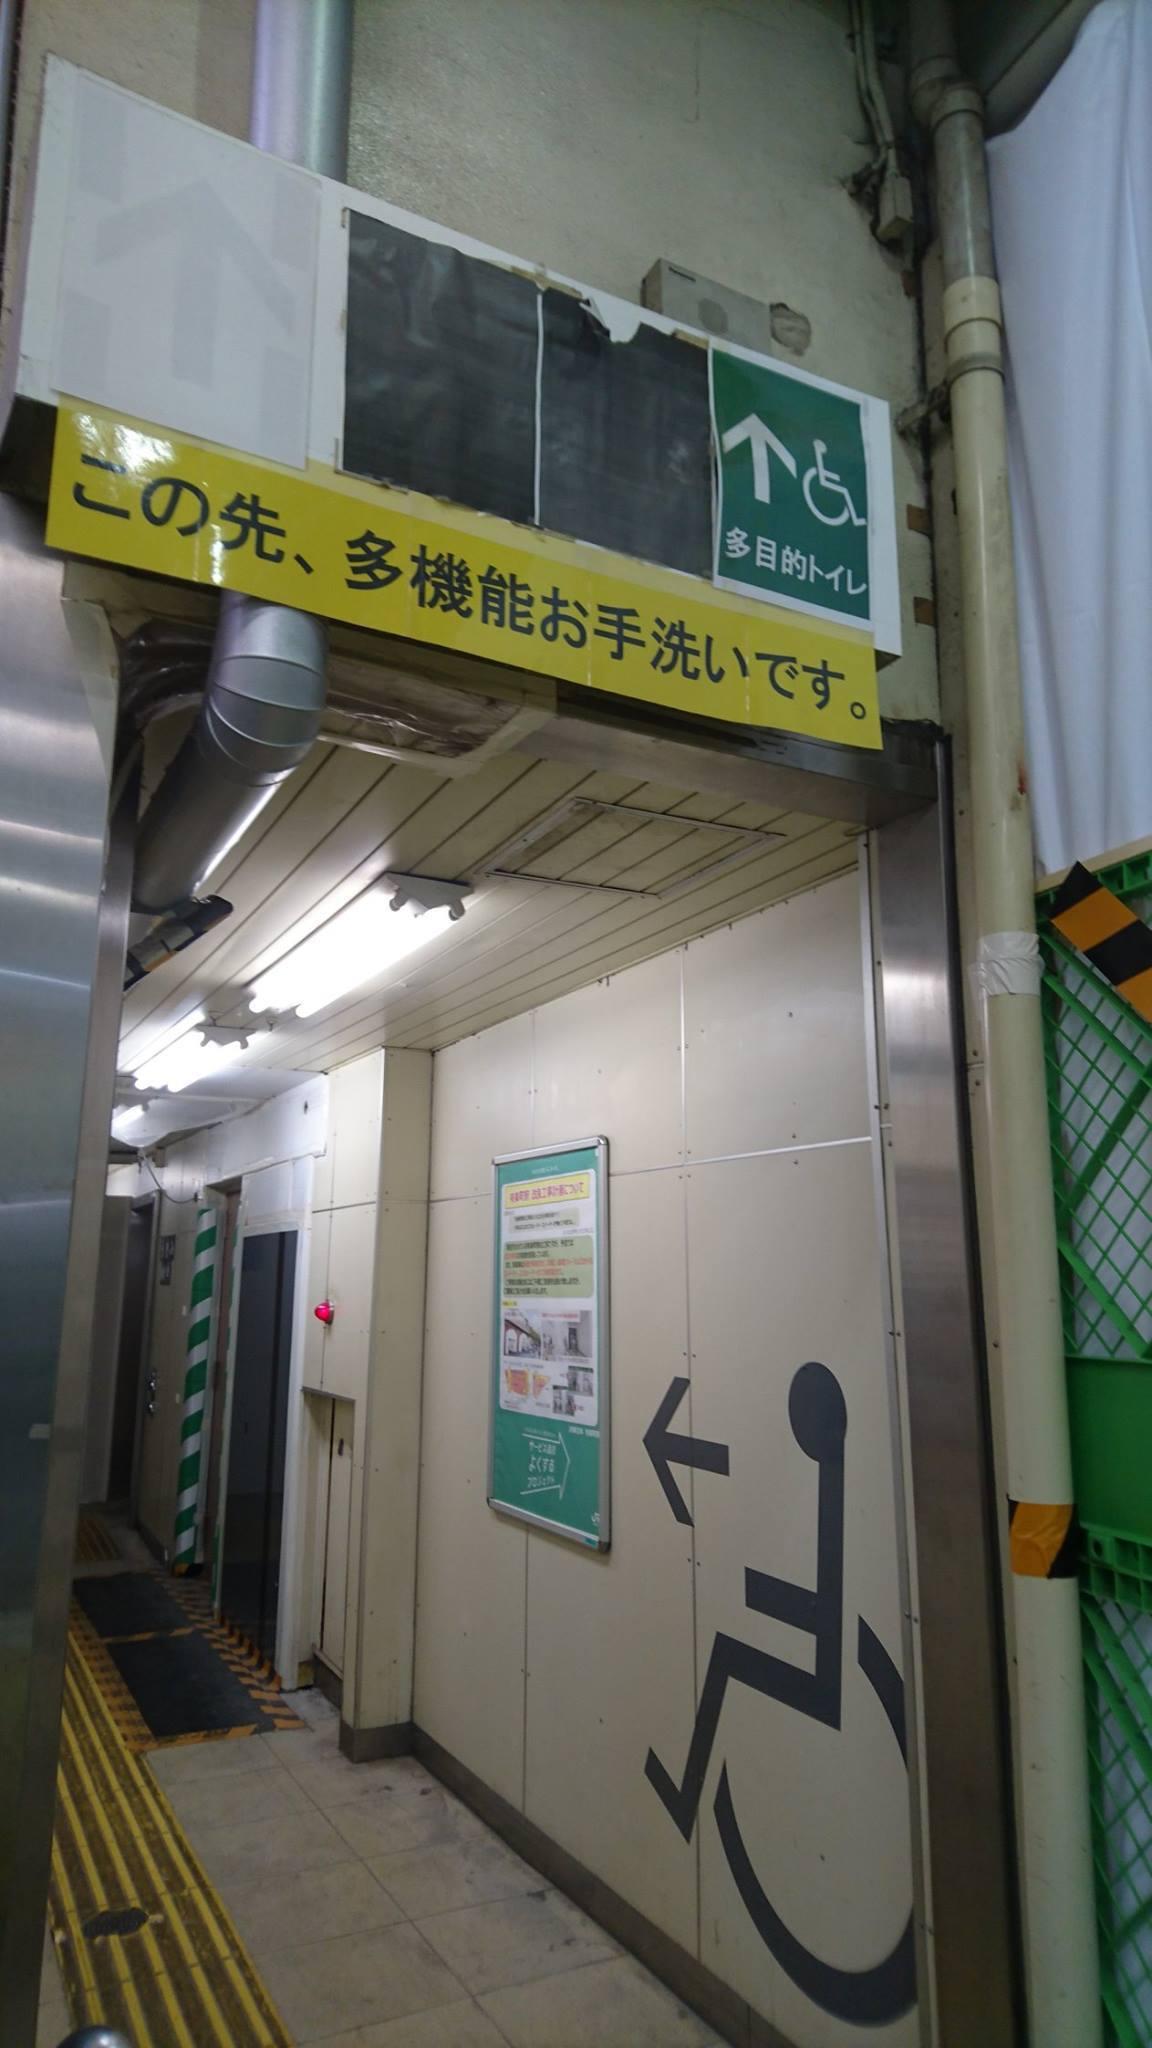 日本許多公廁都有提供「多功能廁所」,不指向特定性別或身份。圖/Austin提供